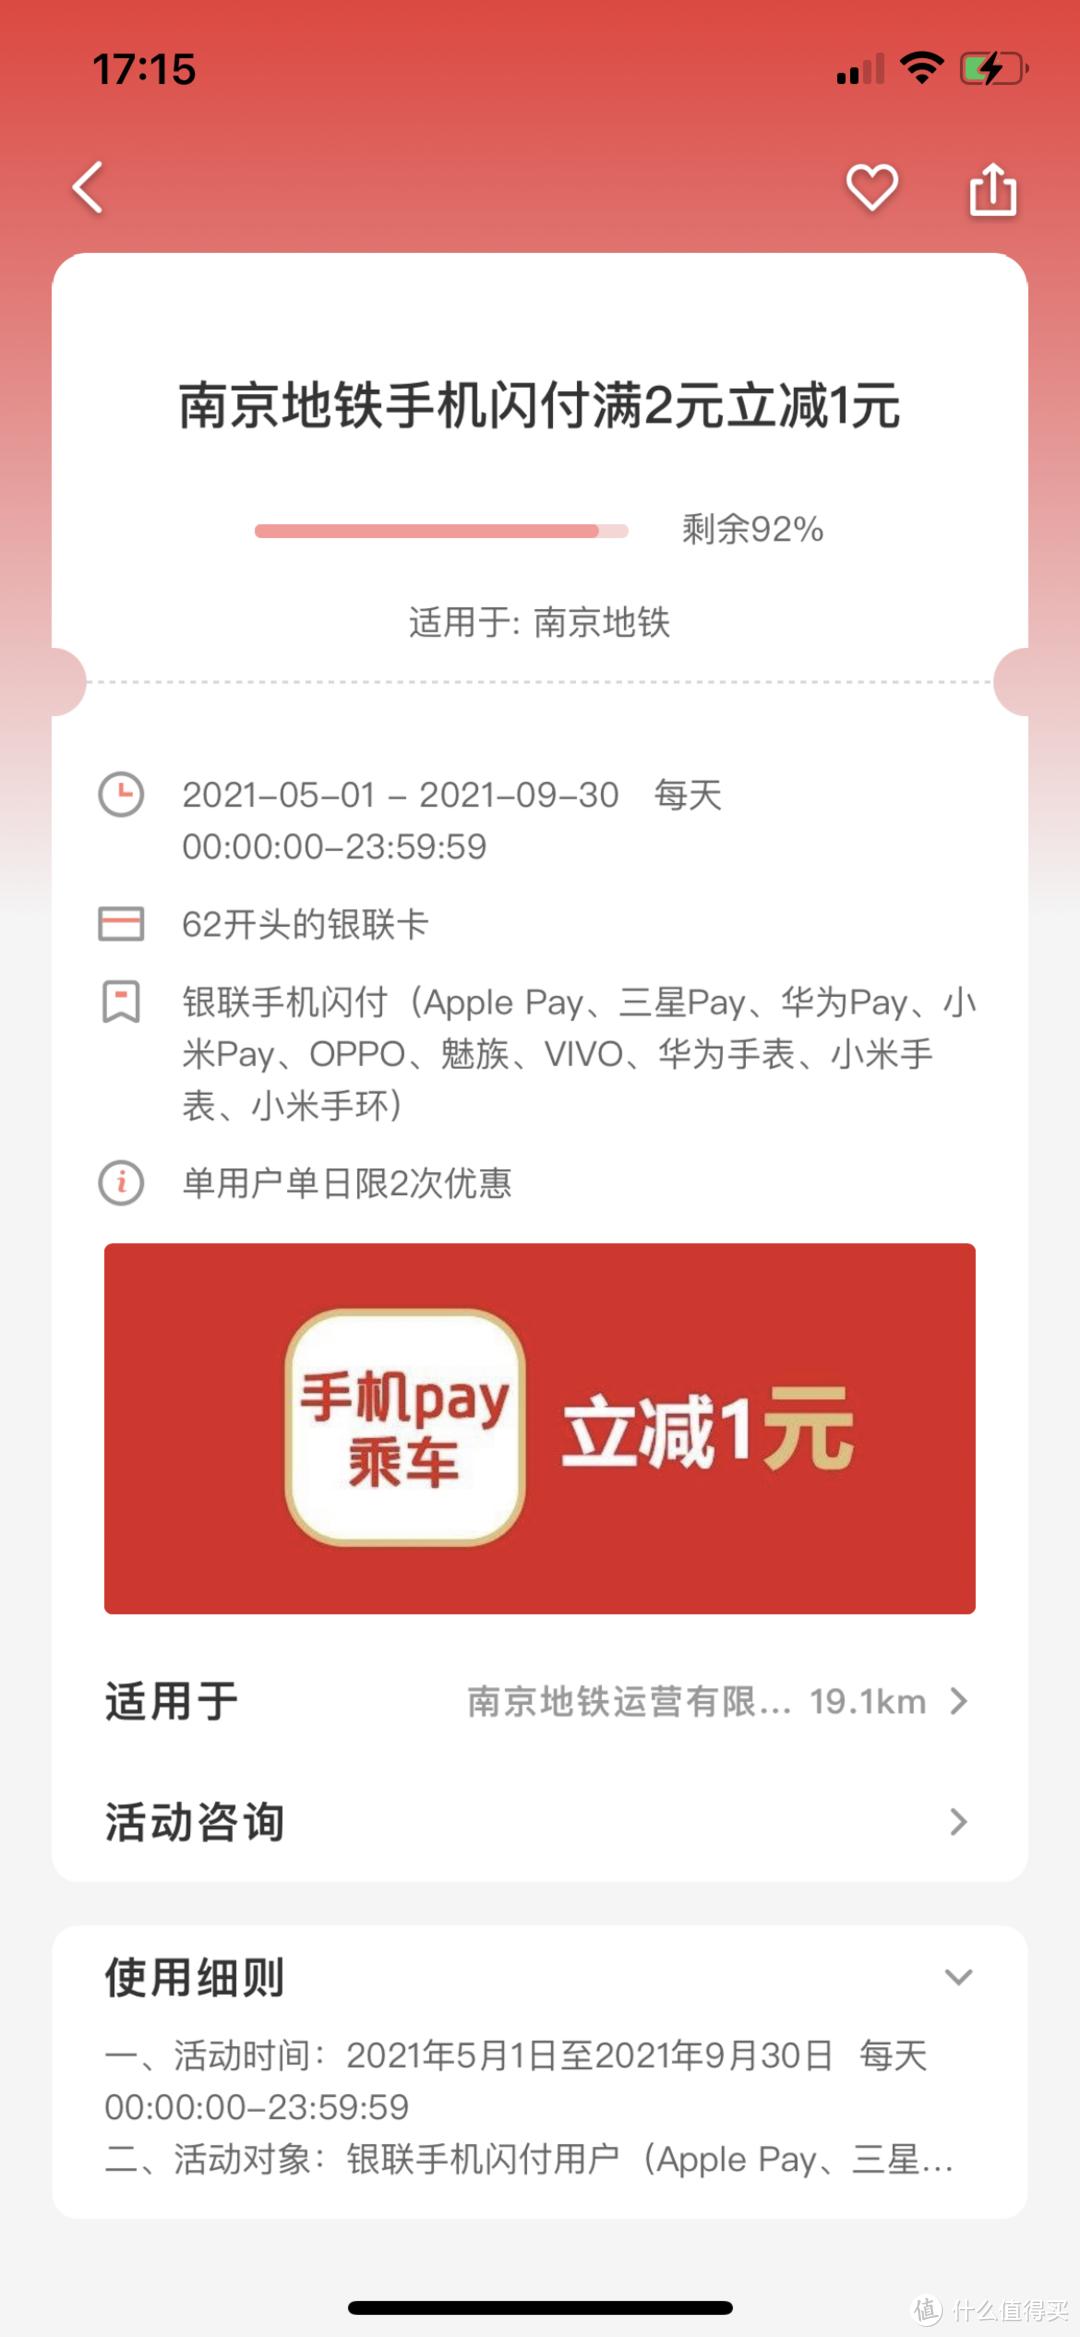 地铁+公交12种优惠福利合集【每月省300+,通勤上班族必收藏】